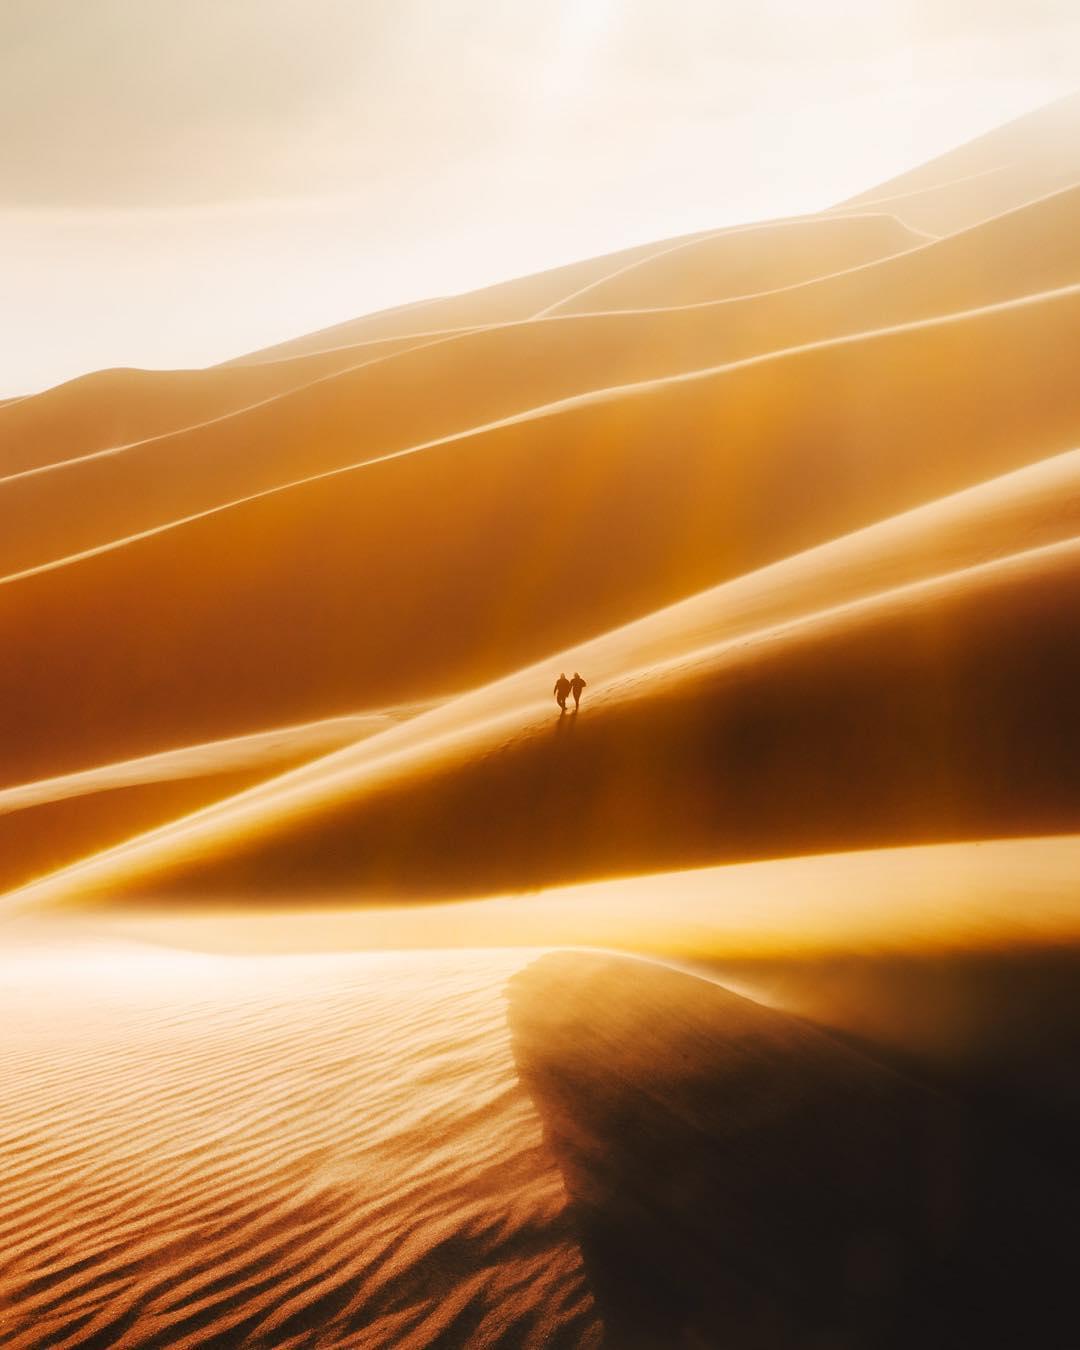 Завораживающие природные пейзажи от Карла Шакура